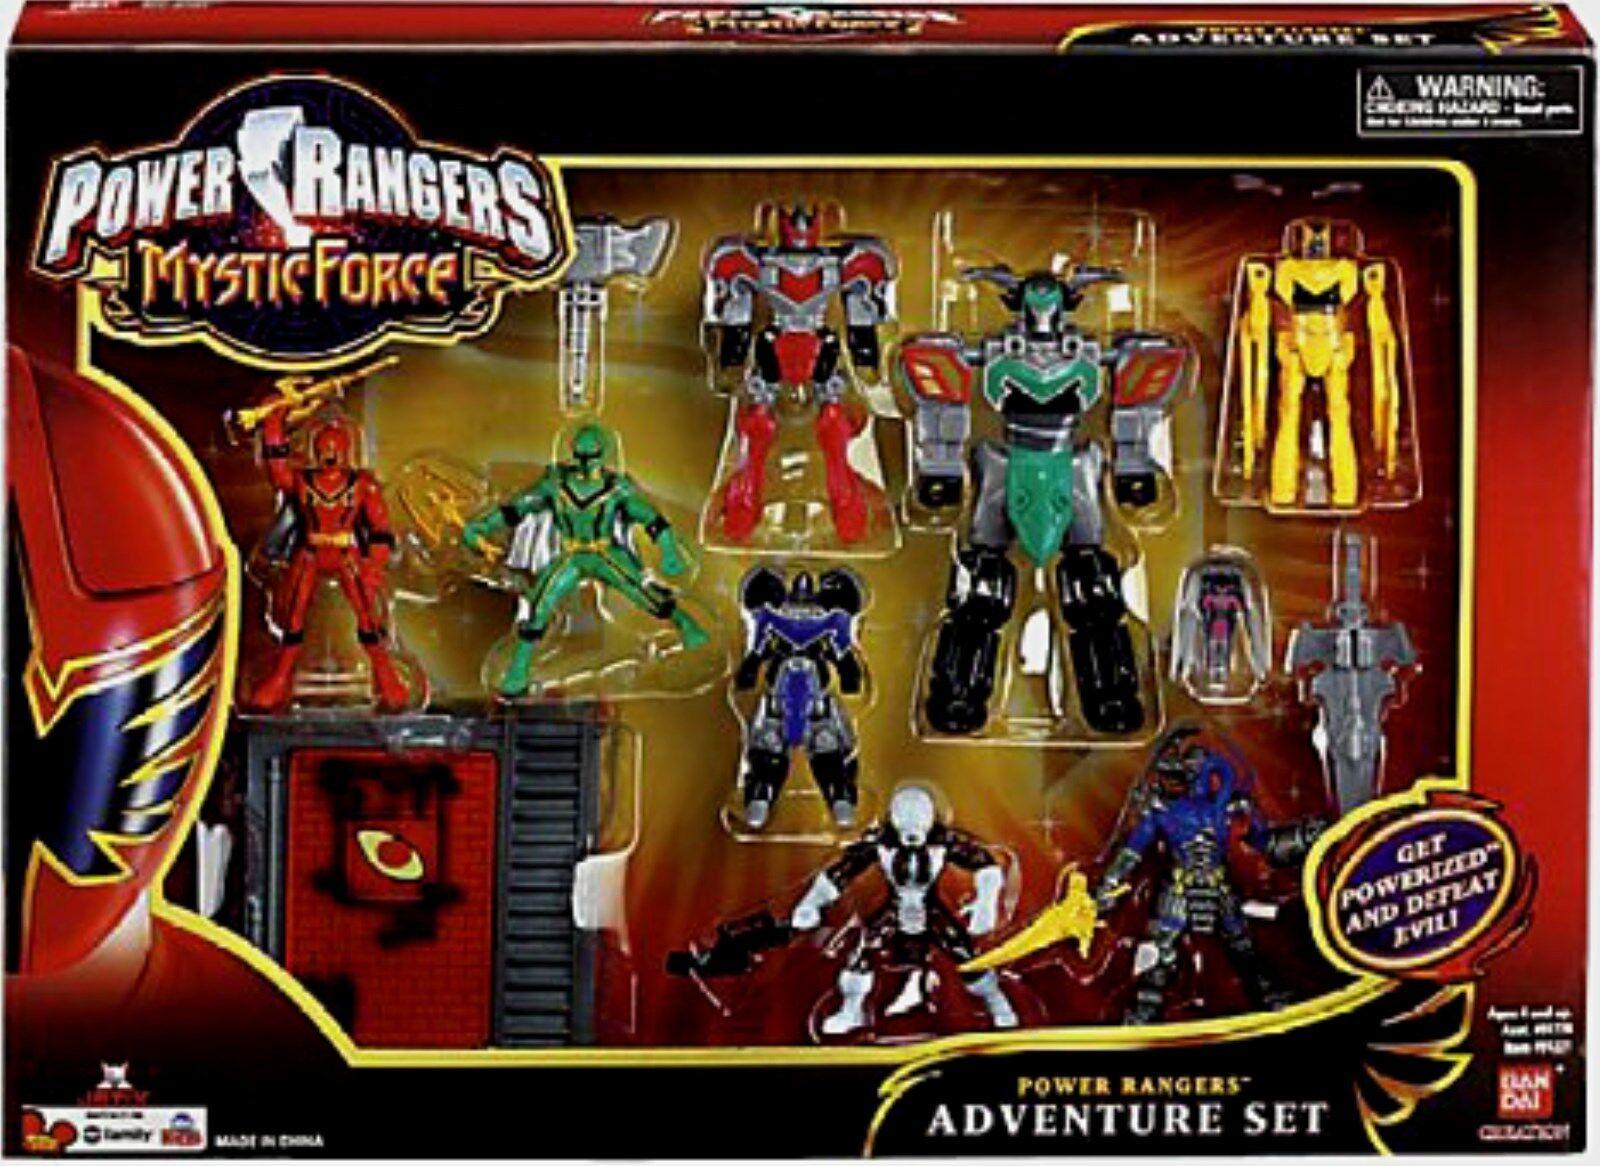 venta con alto descuento Power Rangers Mystic Force Mini 7    Titan Megazord Nuevo Rojo Y verde 2 mal alienígenas  nueva marca